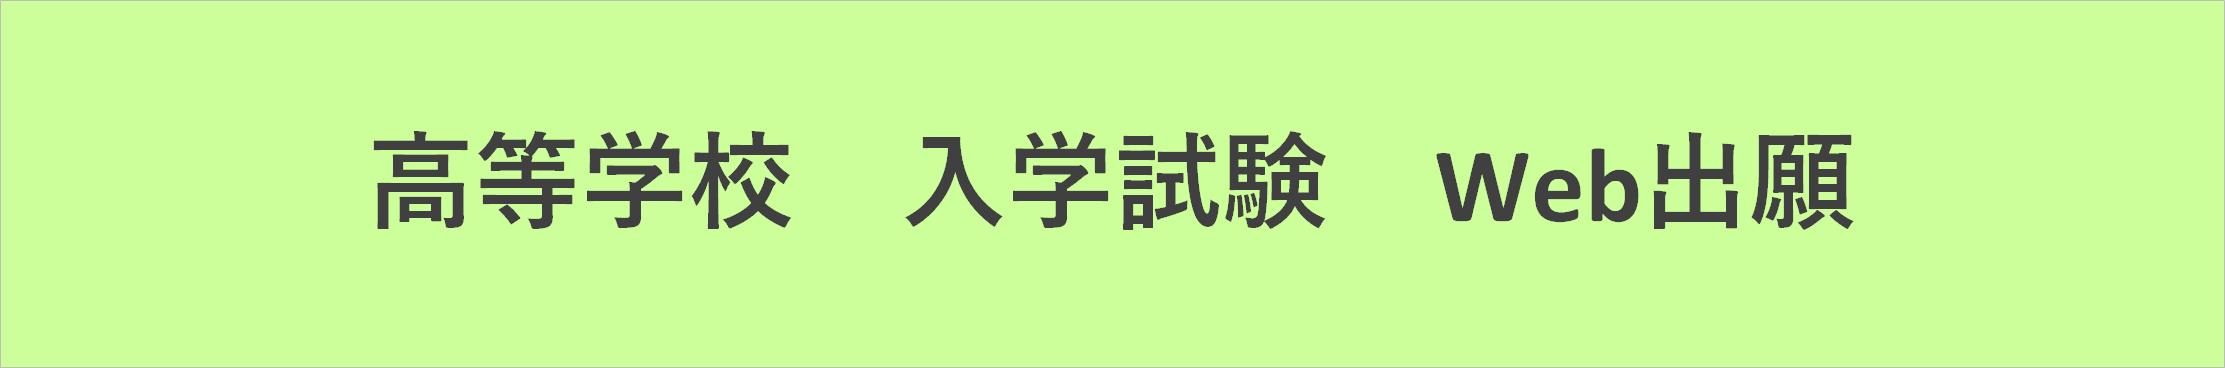 高等学校 入学試験 web出願